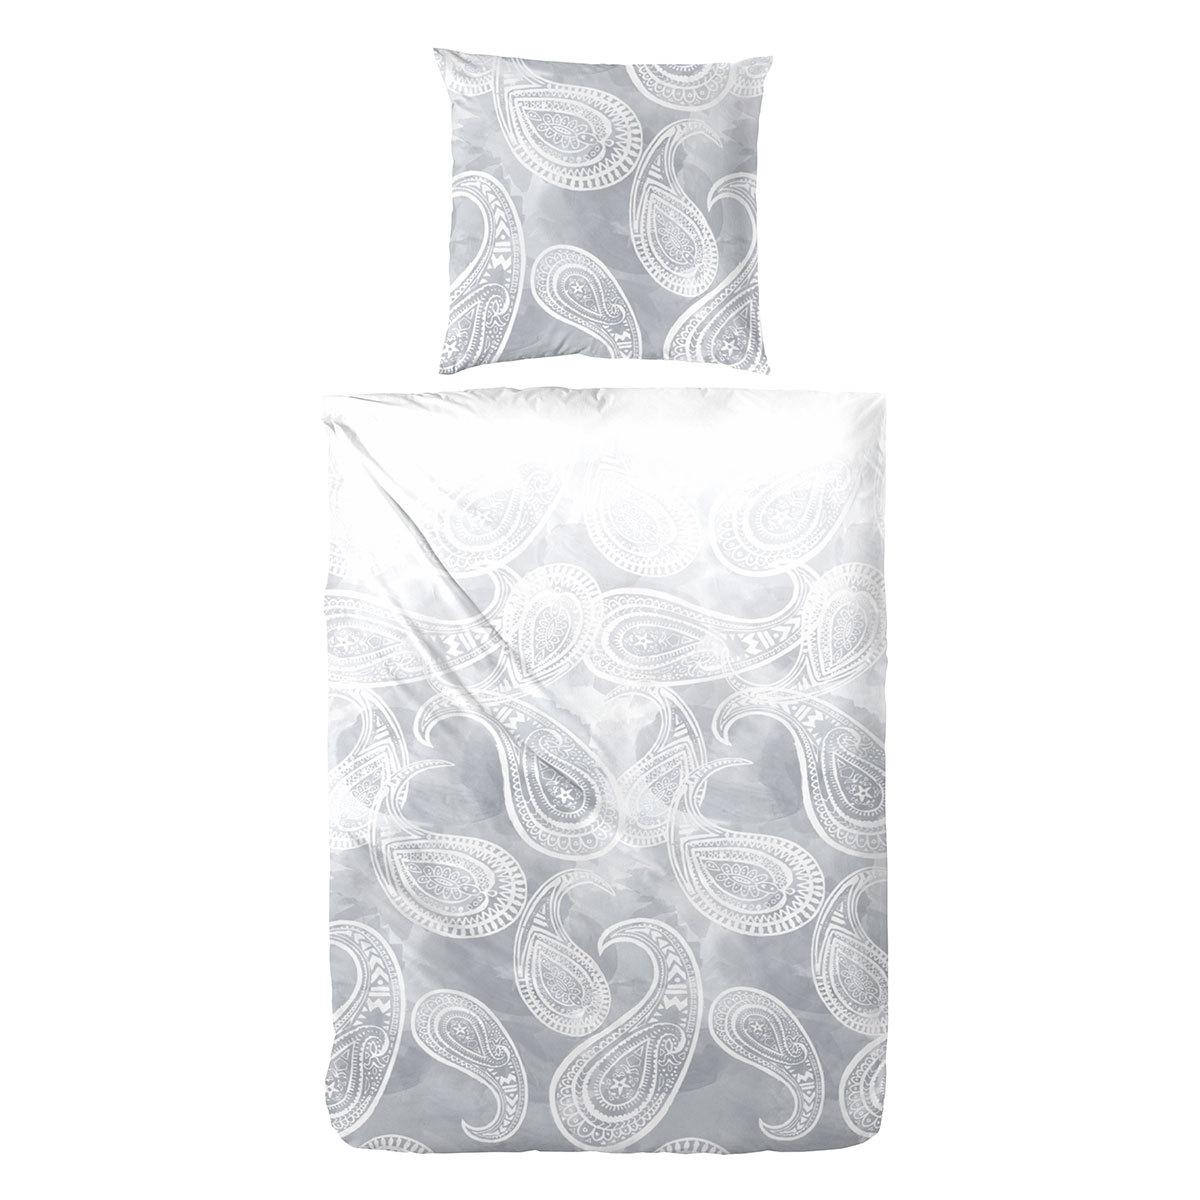 enrico coss mako satin bettw sche freiburg silber g nstig online kaufen bei bettwaren shop. Black Bedroom Furniture Sets. Home Design Ideas